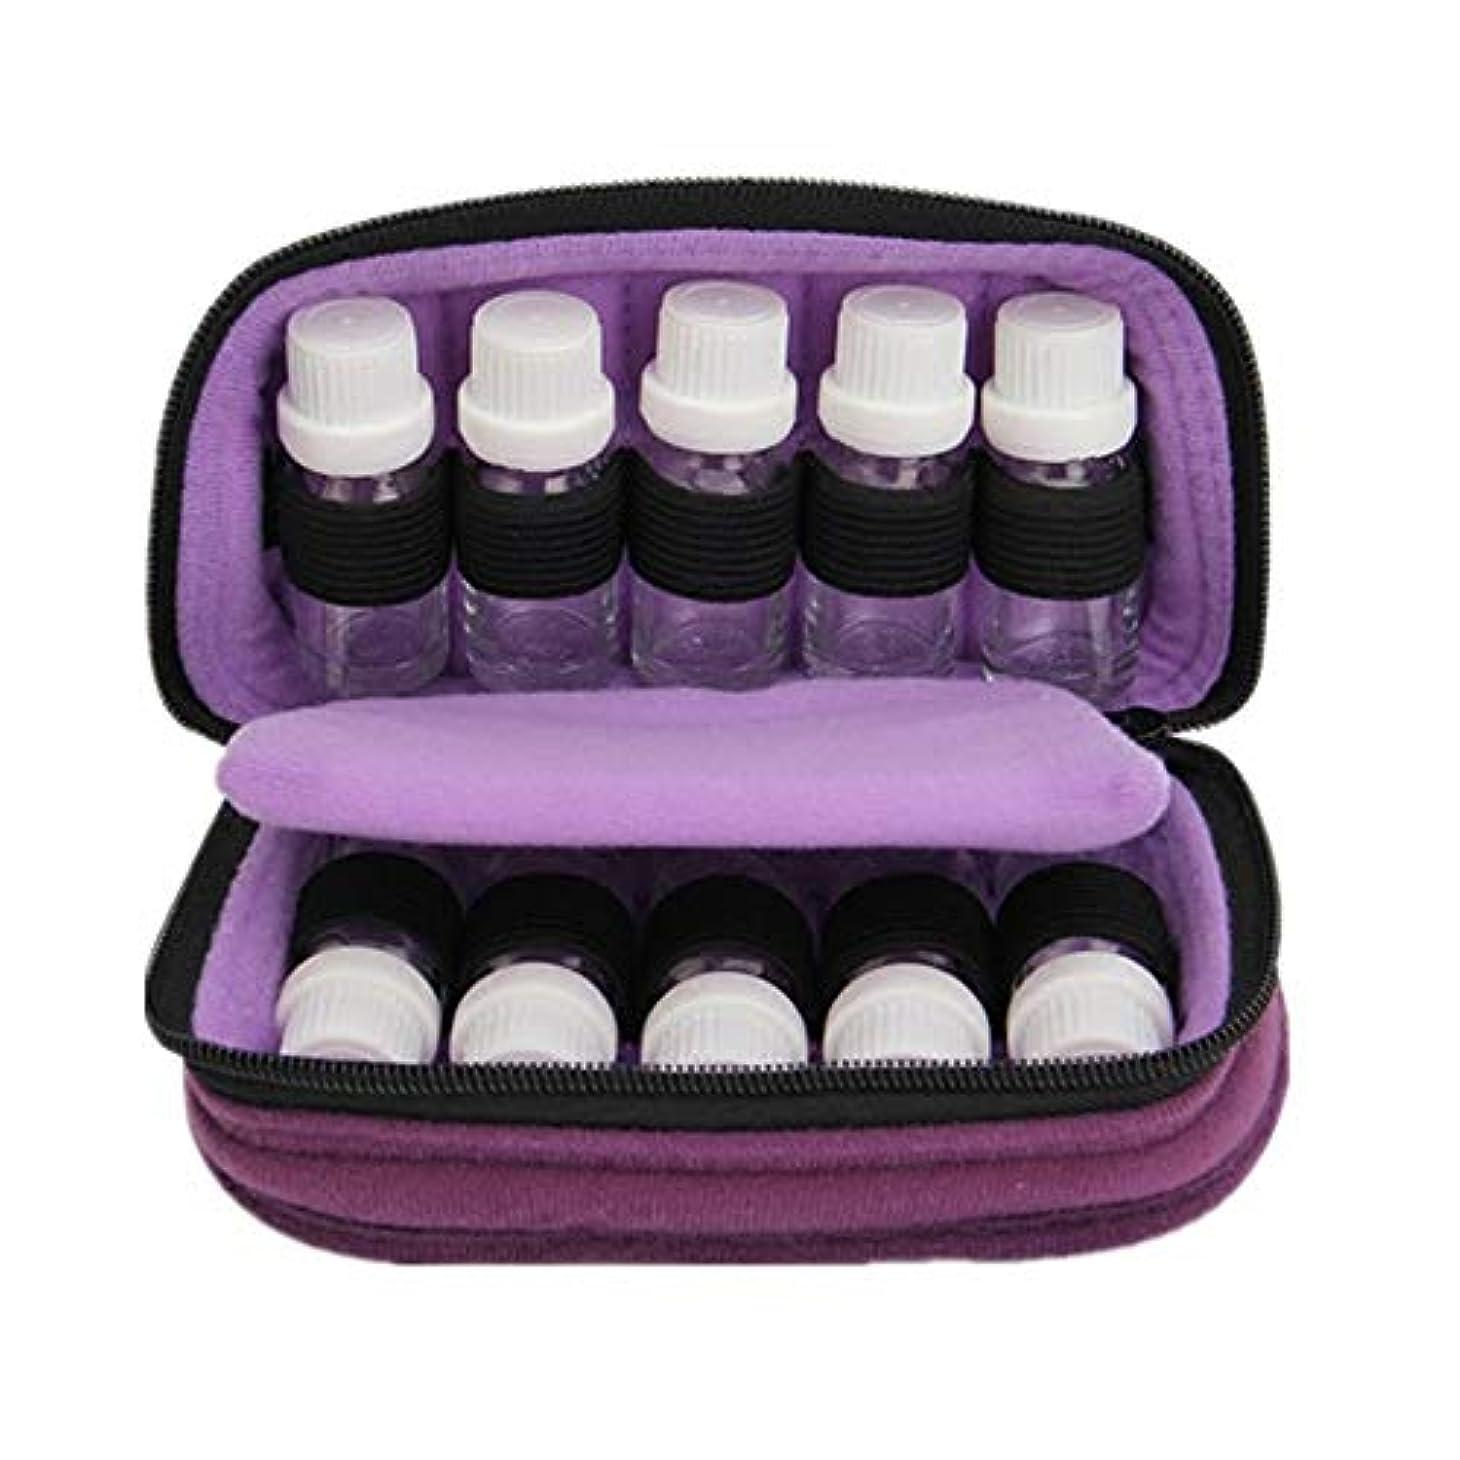 確率誰の頑固なエッセンシャルオイルボックス 15ミリリットルトラベルオーガナイザーバッグ用のストレージ10は、エッセンシャルオイルのスーツケースのバッグ完璧な10本のボトルを移動します アロマセラピー収納ボックス (色 : 紫の, サイズ : 18X10X7.5CM)